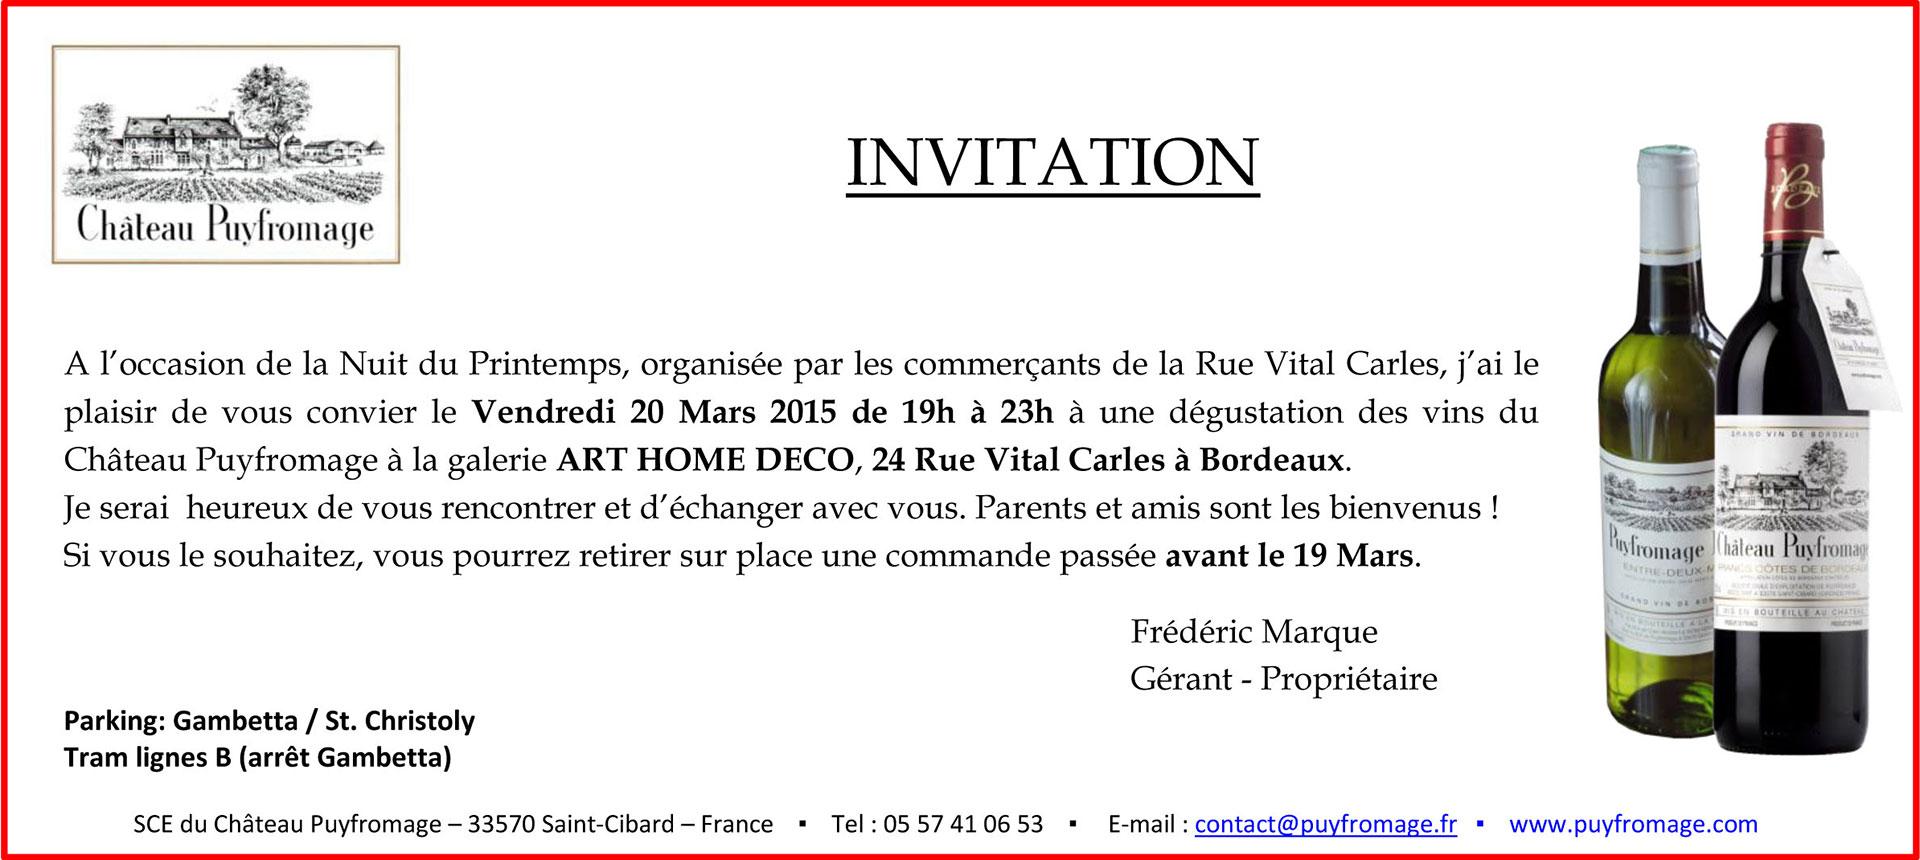 Invitation à la nuit du printemps : dégustation 20 mars 2015